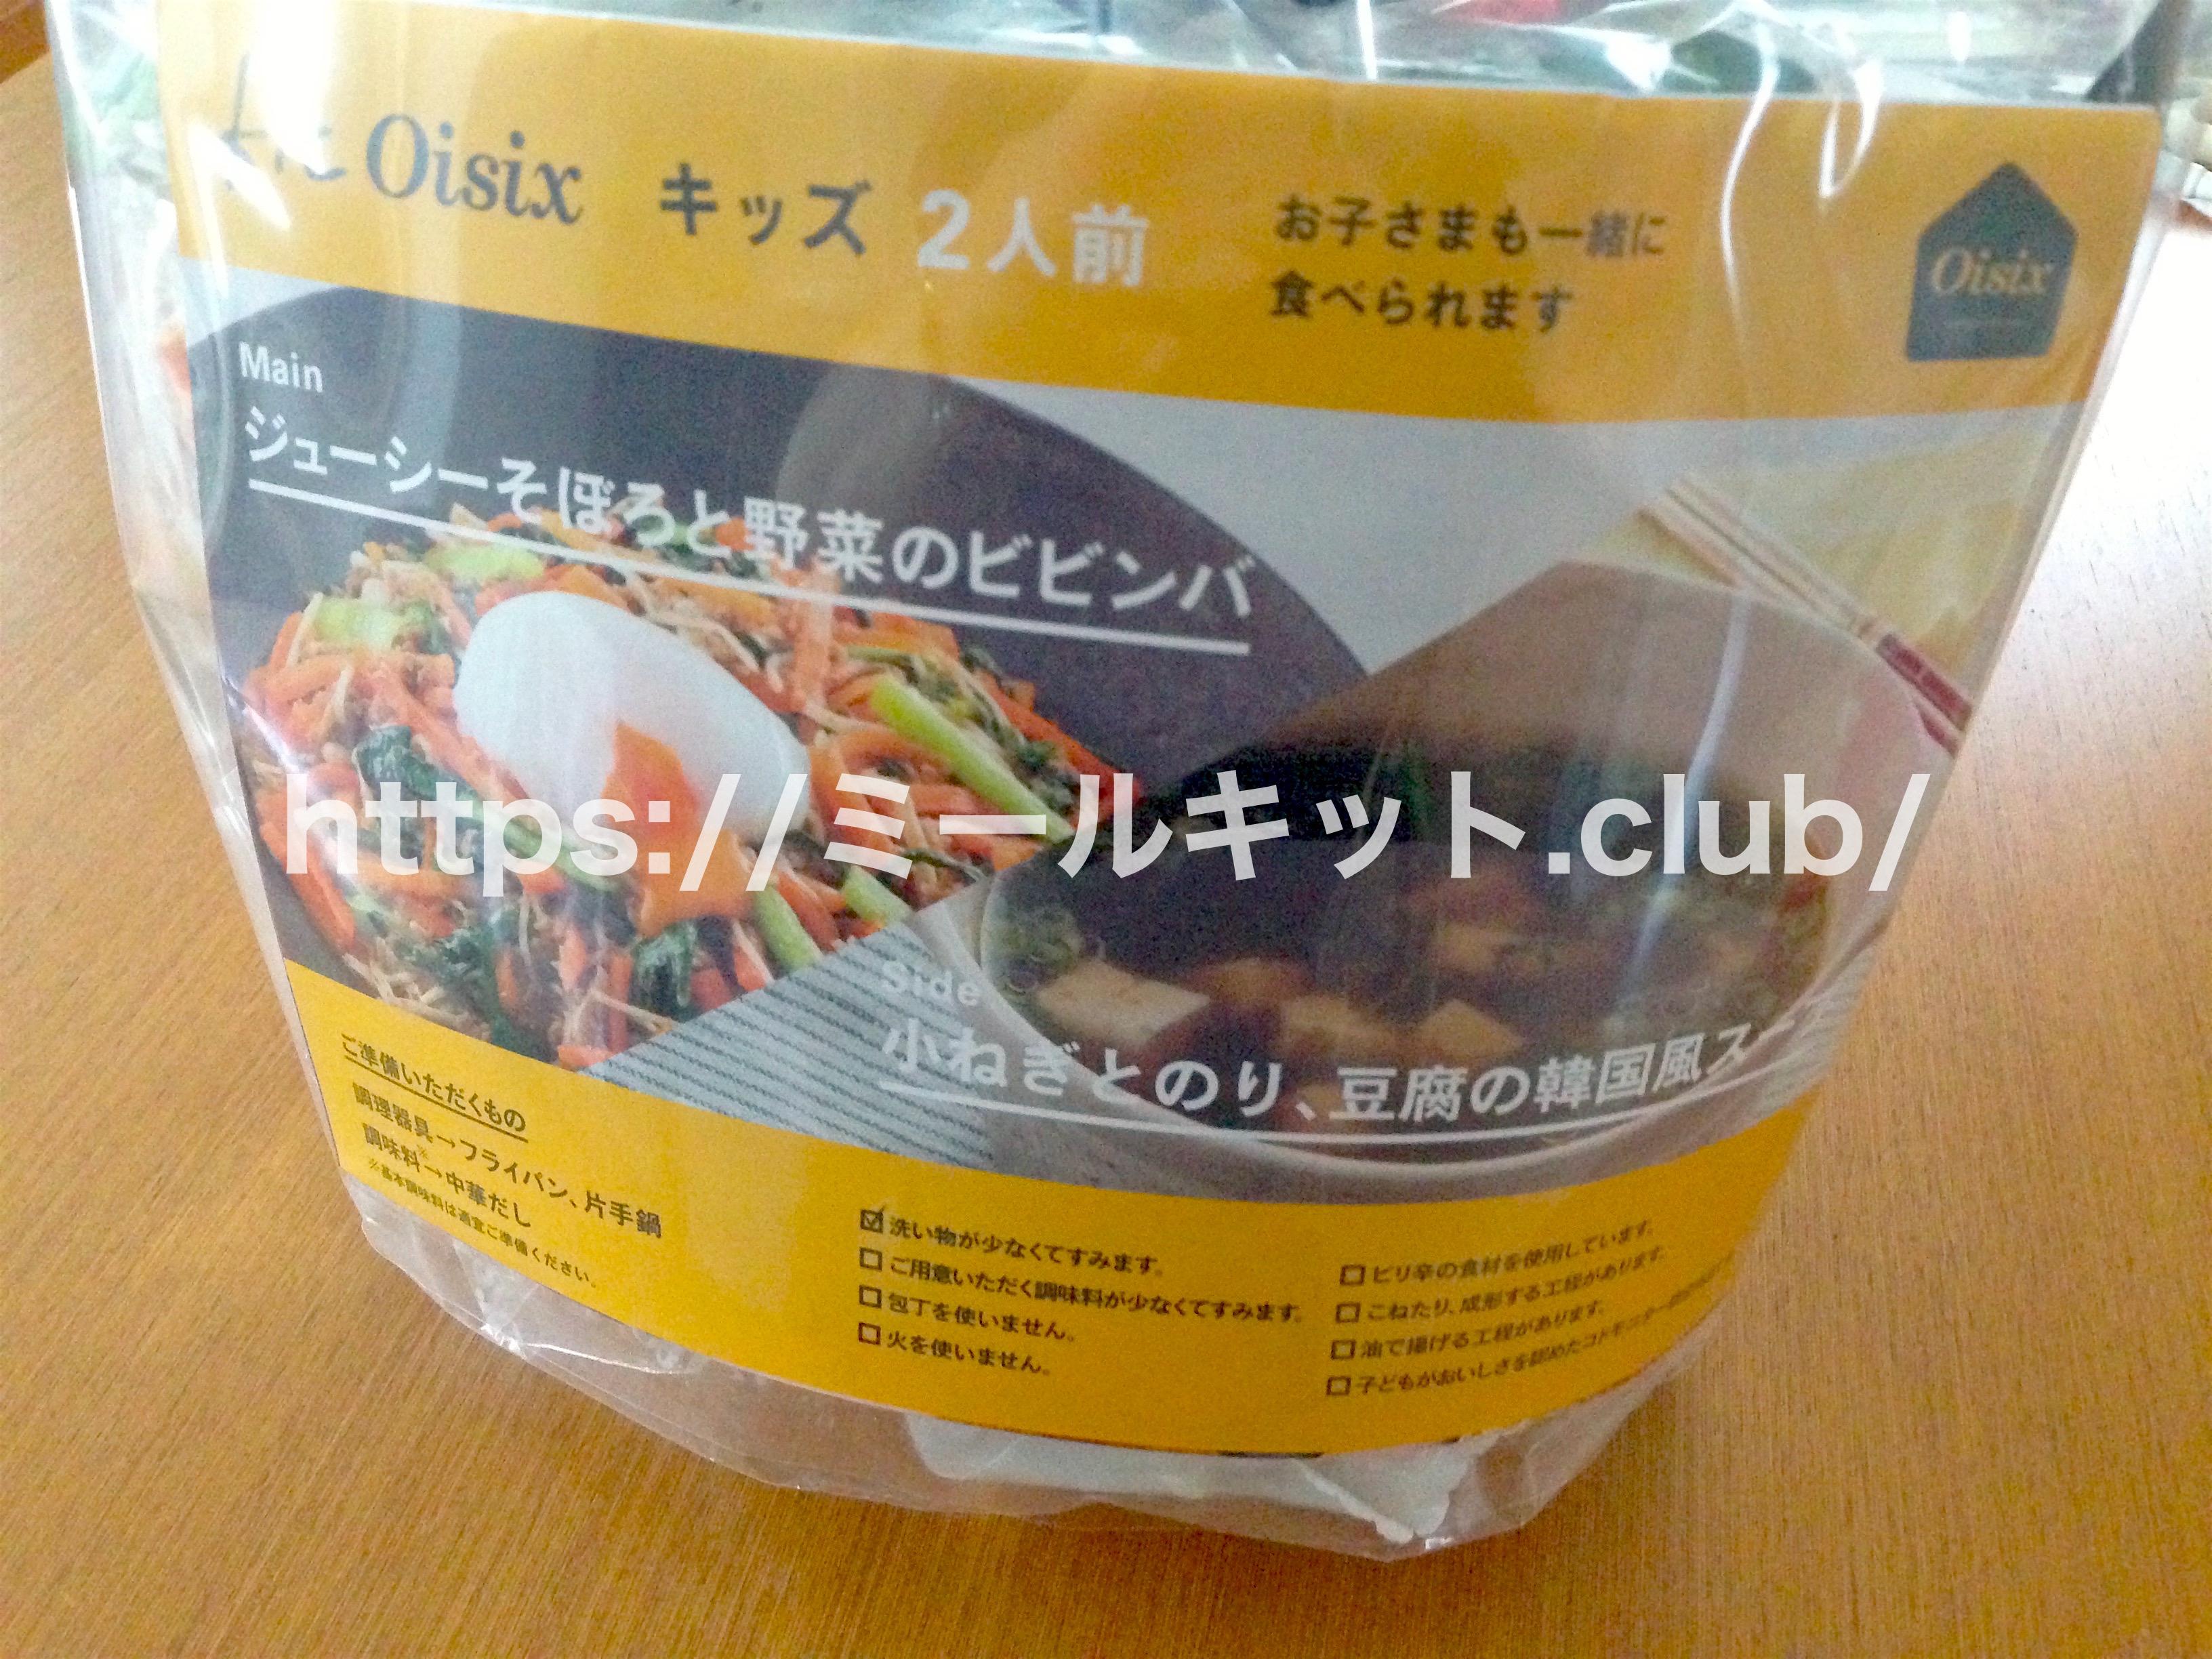 キットオイシックスの実食・口コミレポ!【一人暮らしにもオススメ!】